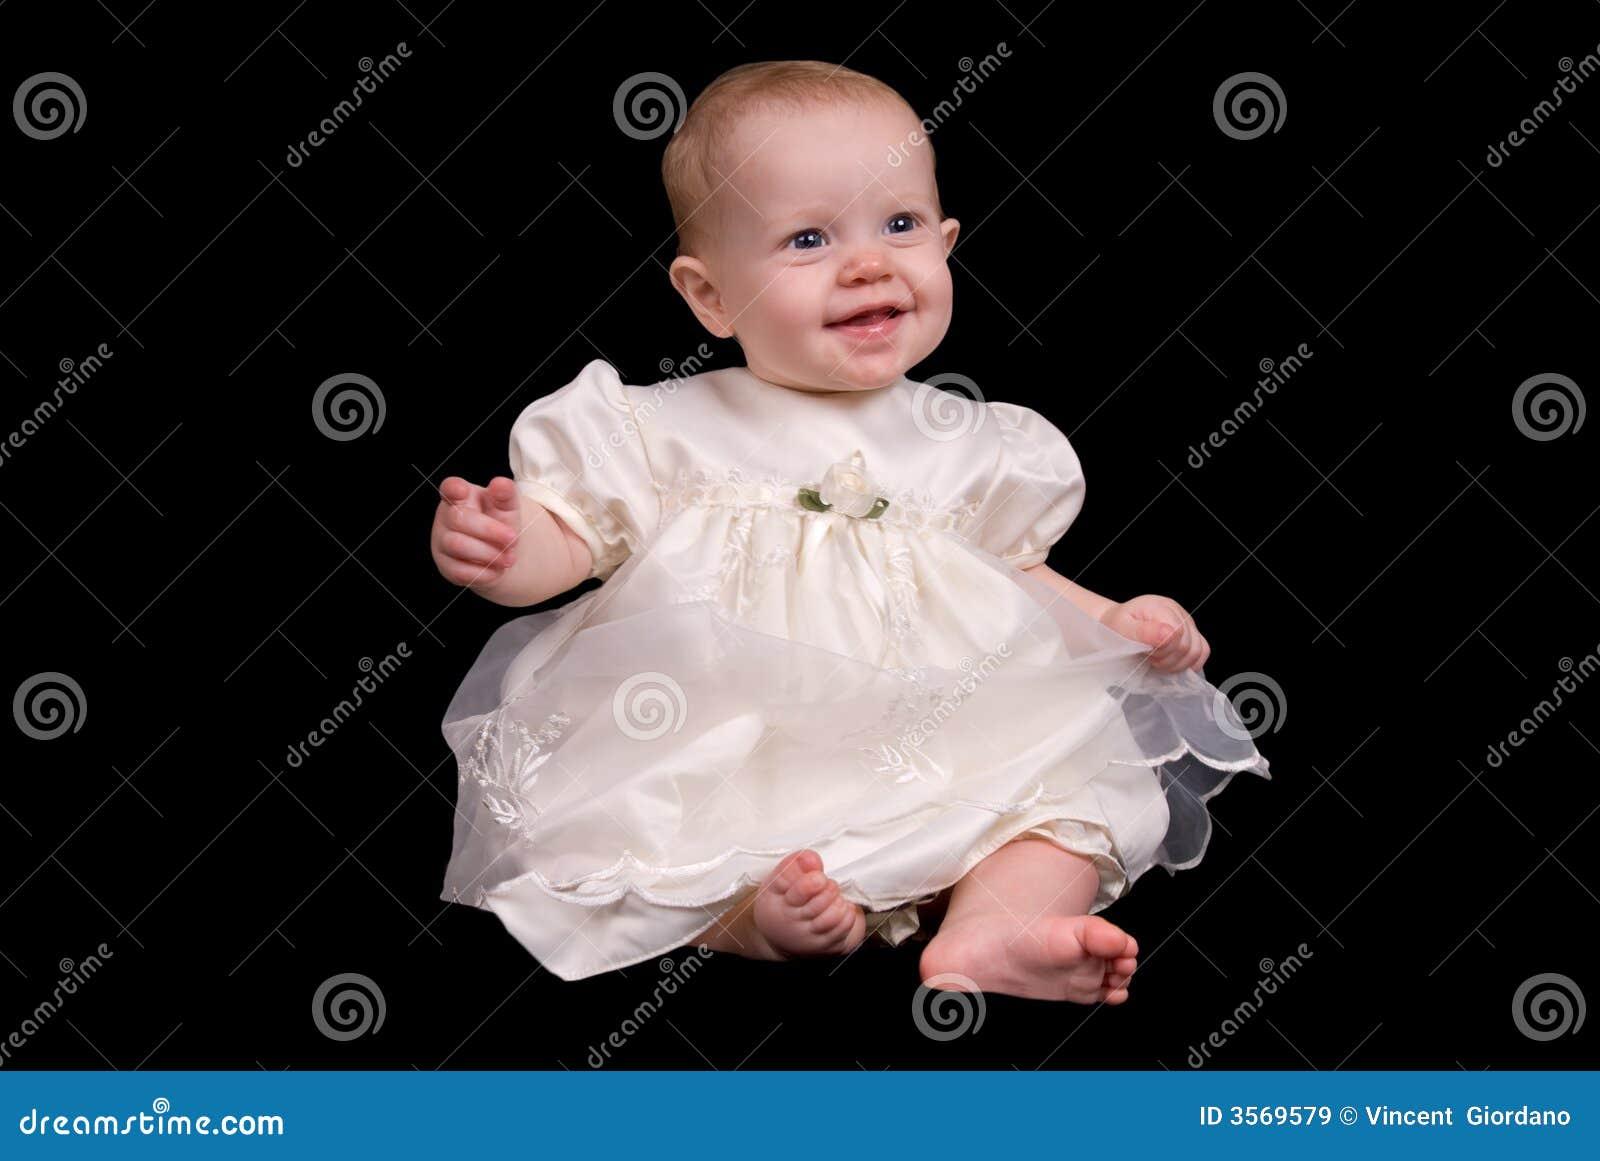 Neonata in un vestito bianco